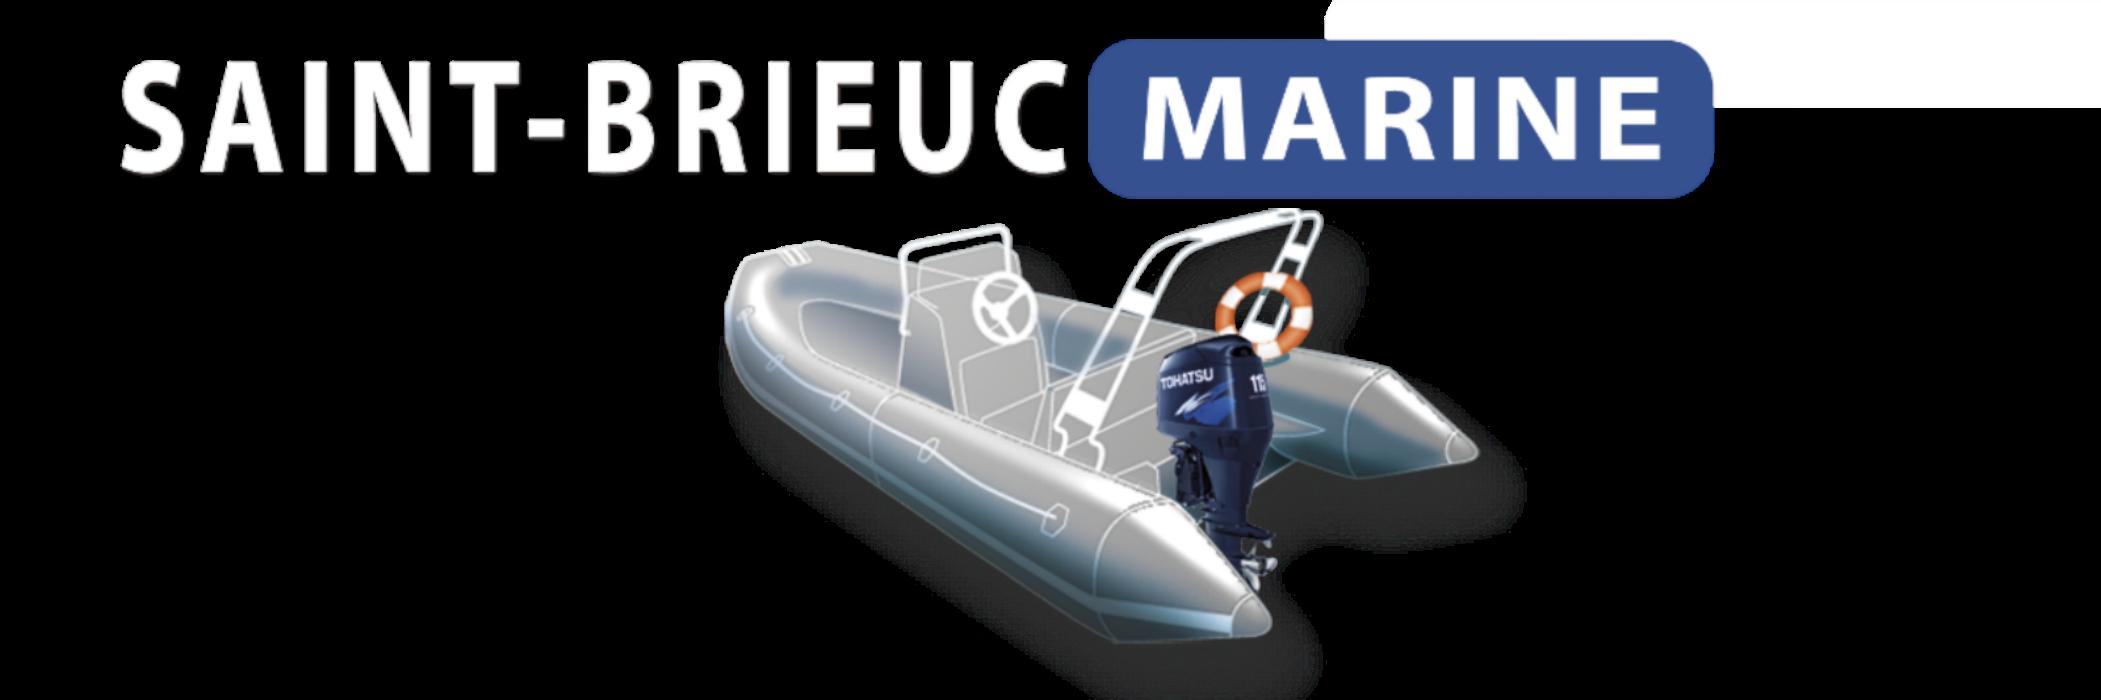 Saint Brieuc Marine